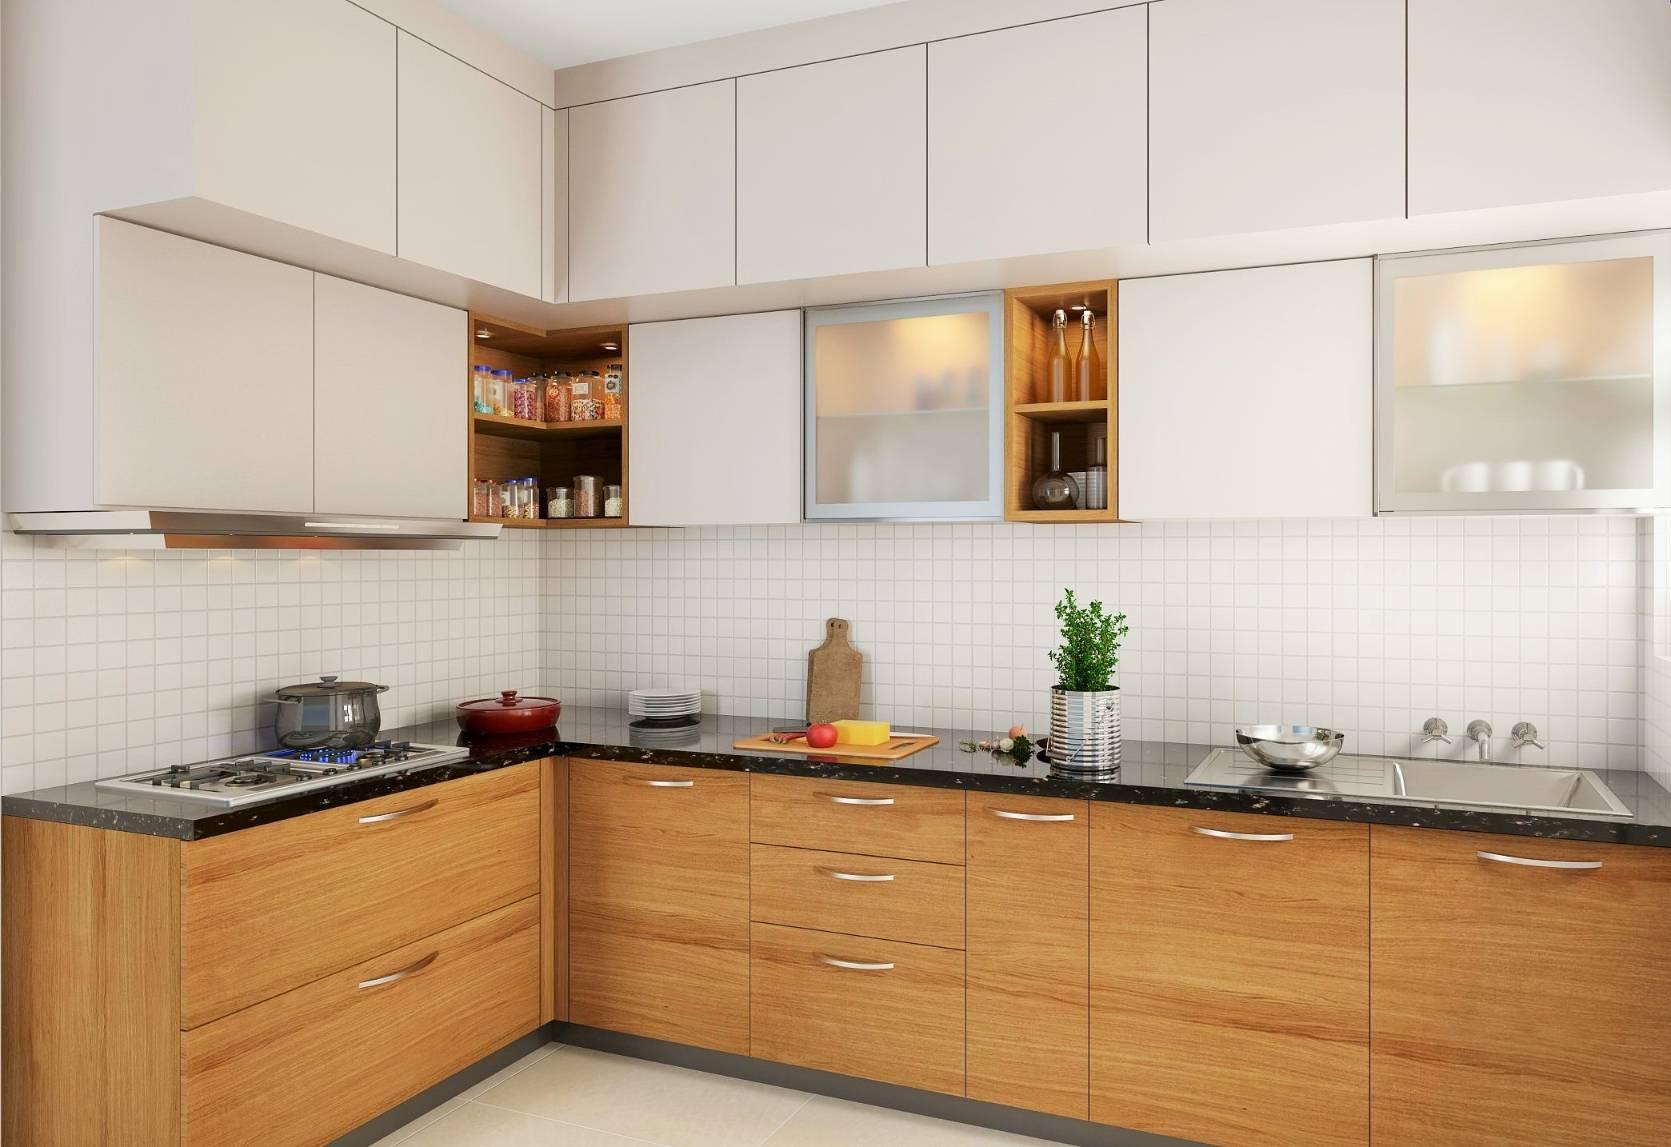 Kitchen open corner shelving